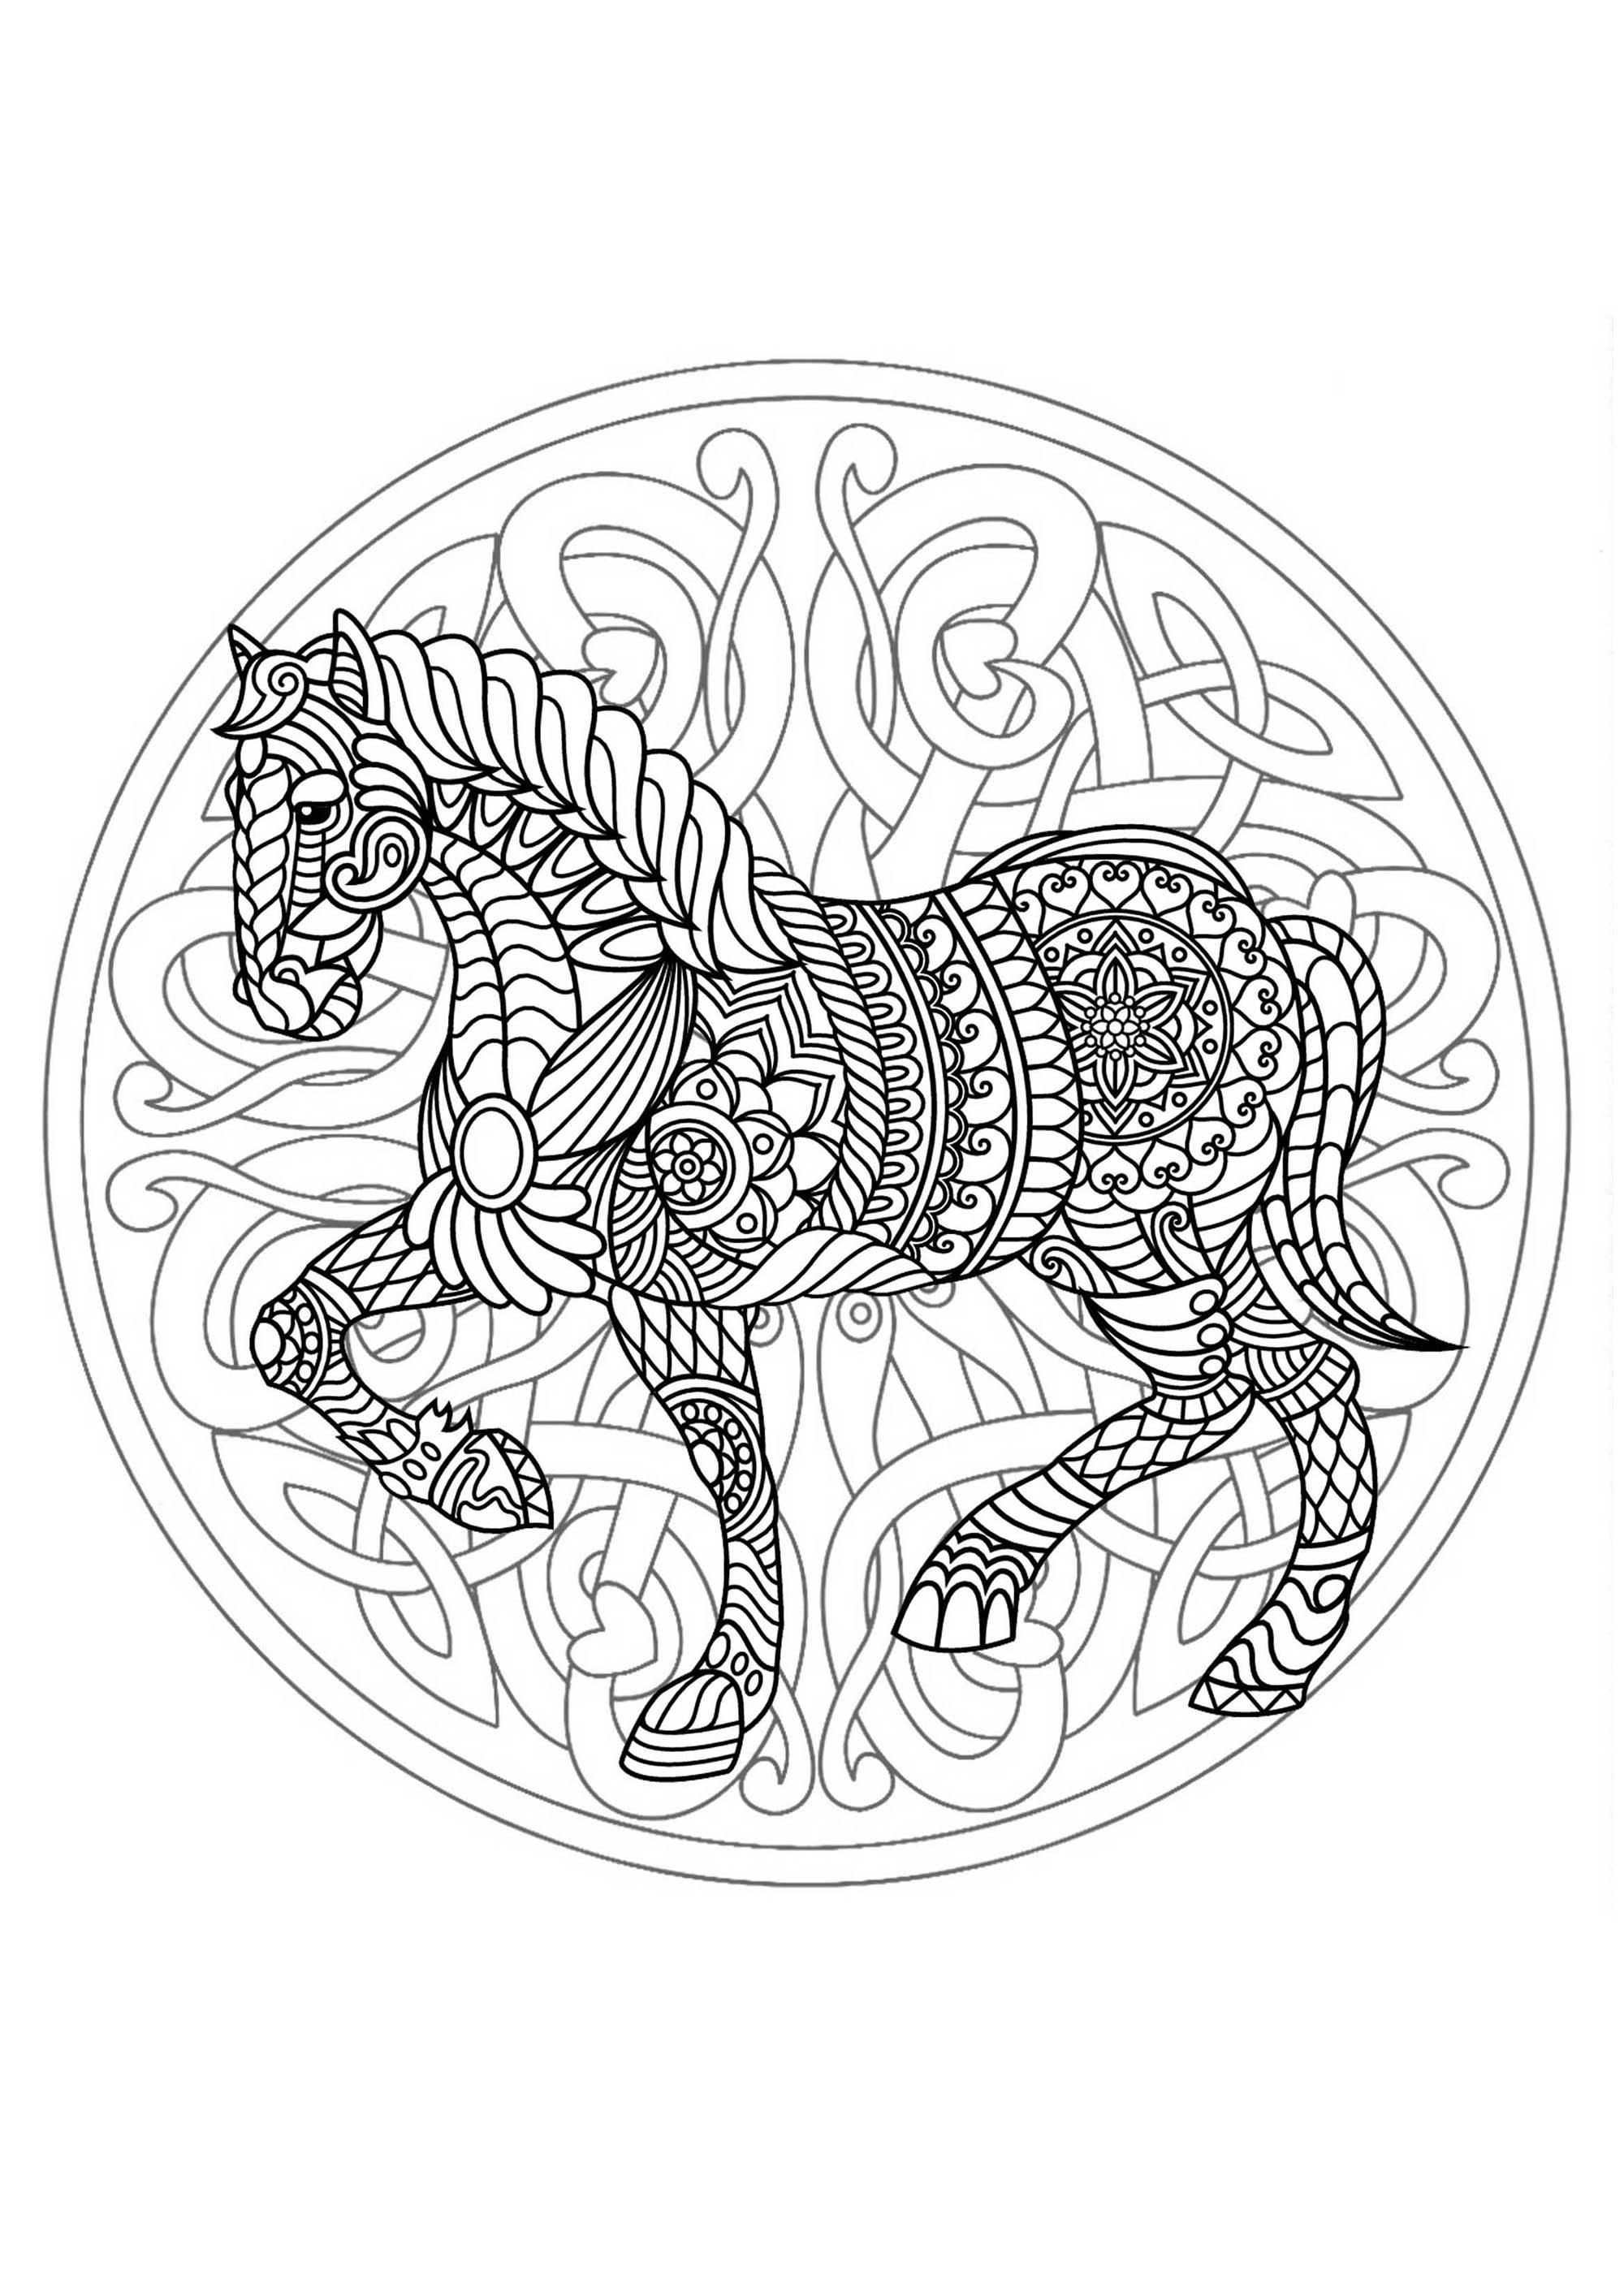 Mandala Cheval 3 - Mandalas - Coloriages Difficiles Pour à Dessin De Cheval À Imprimer